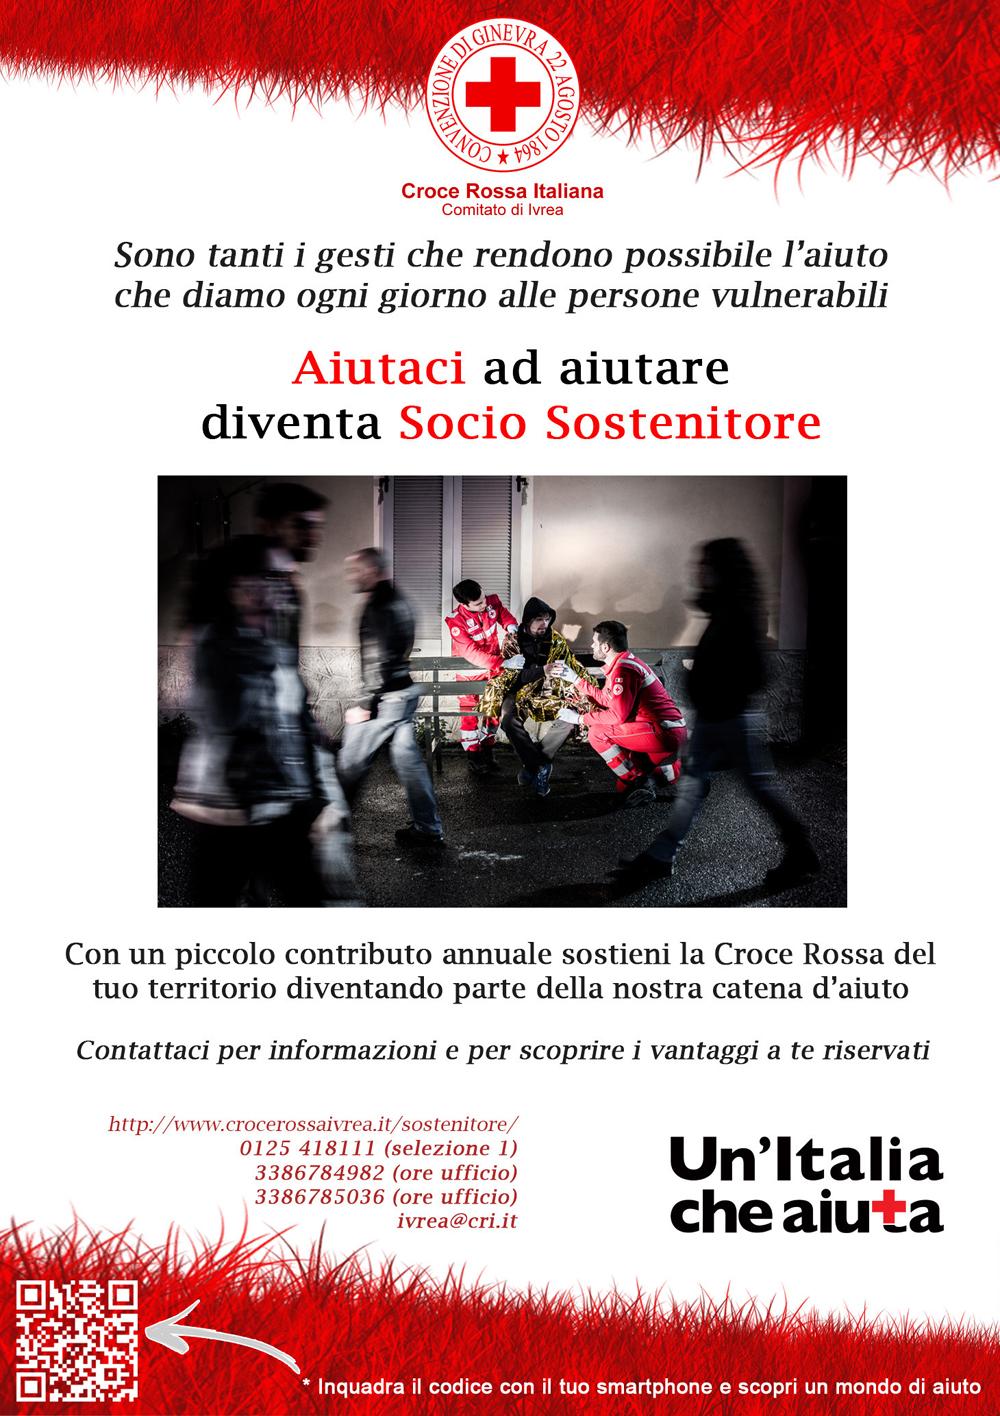 Diventa Ssocio Sostenitore della Croce Rossa Italiana